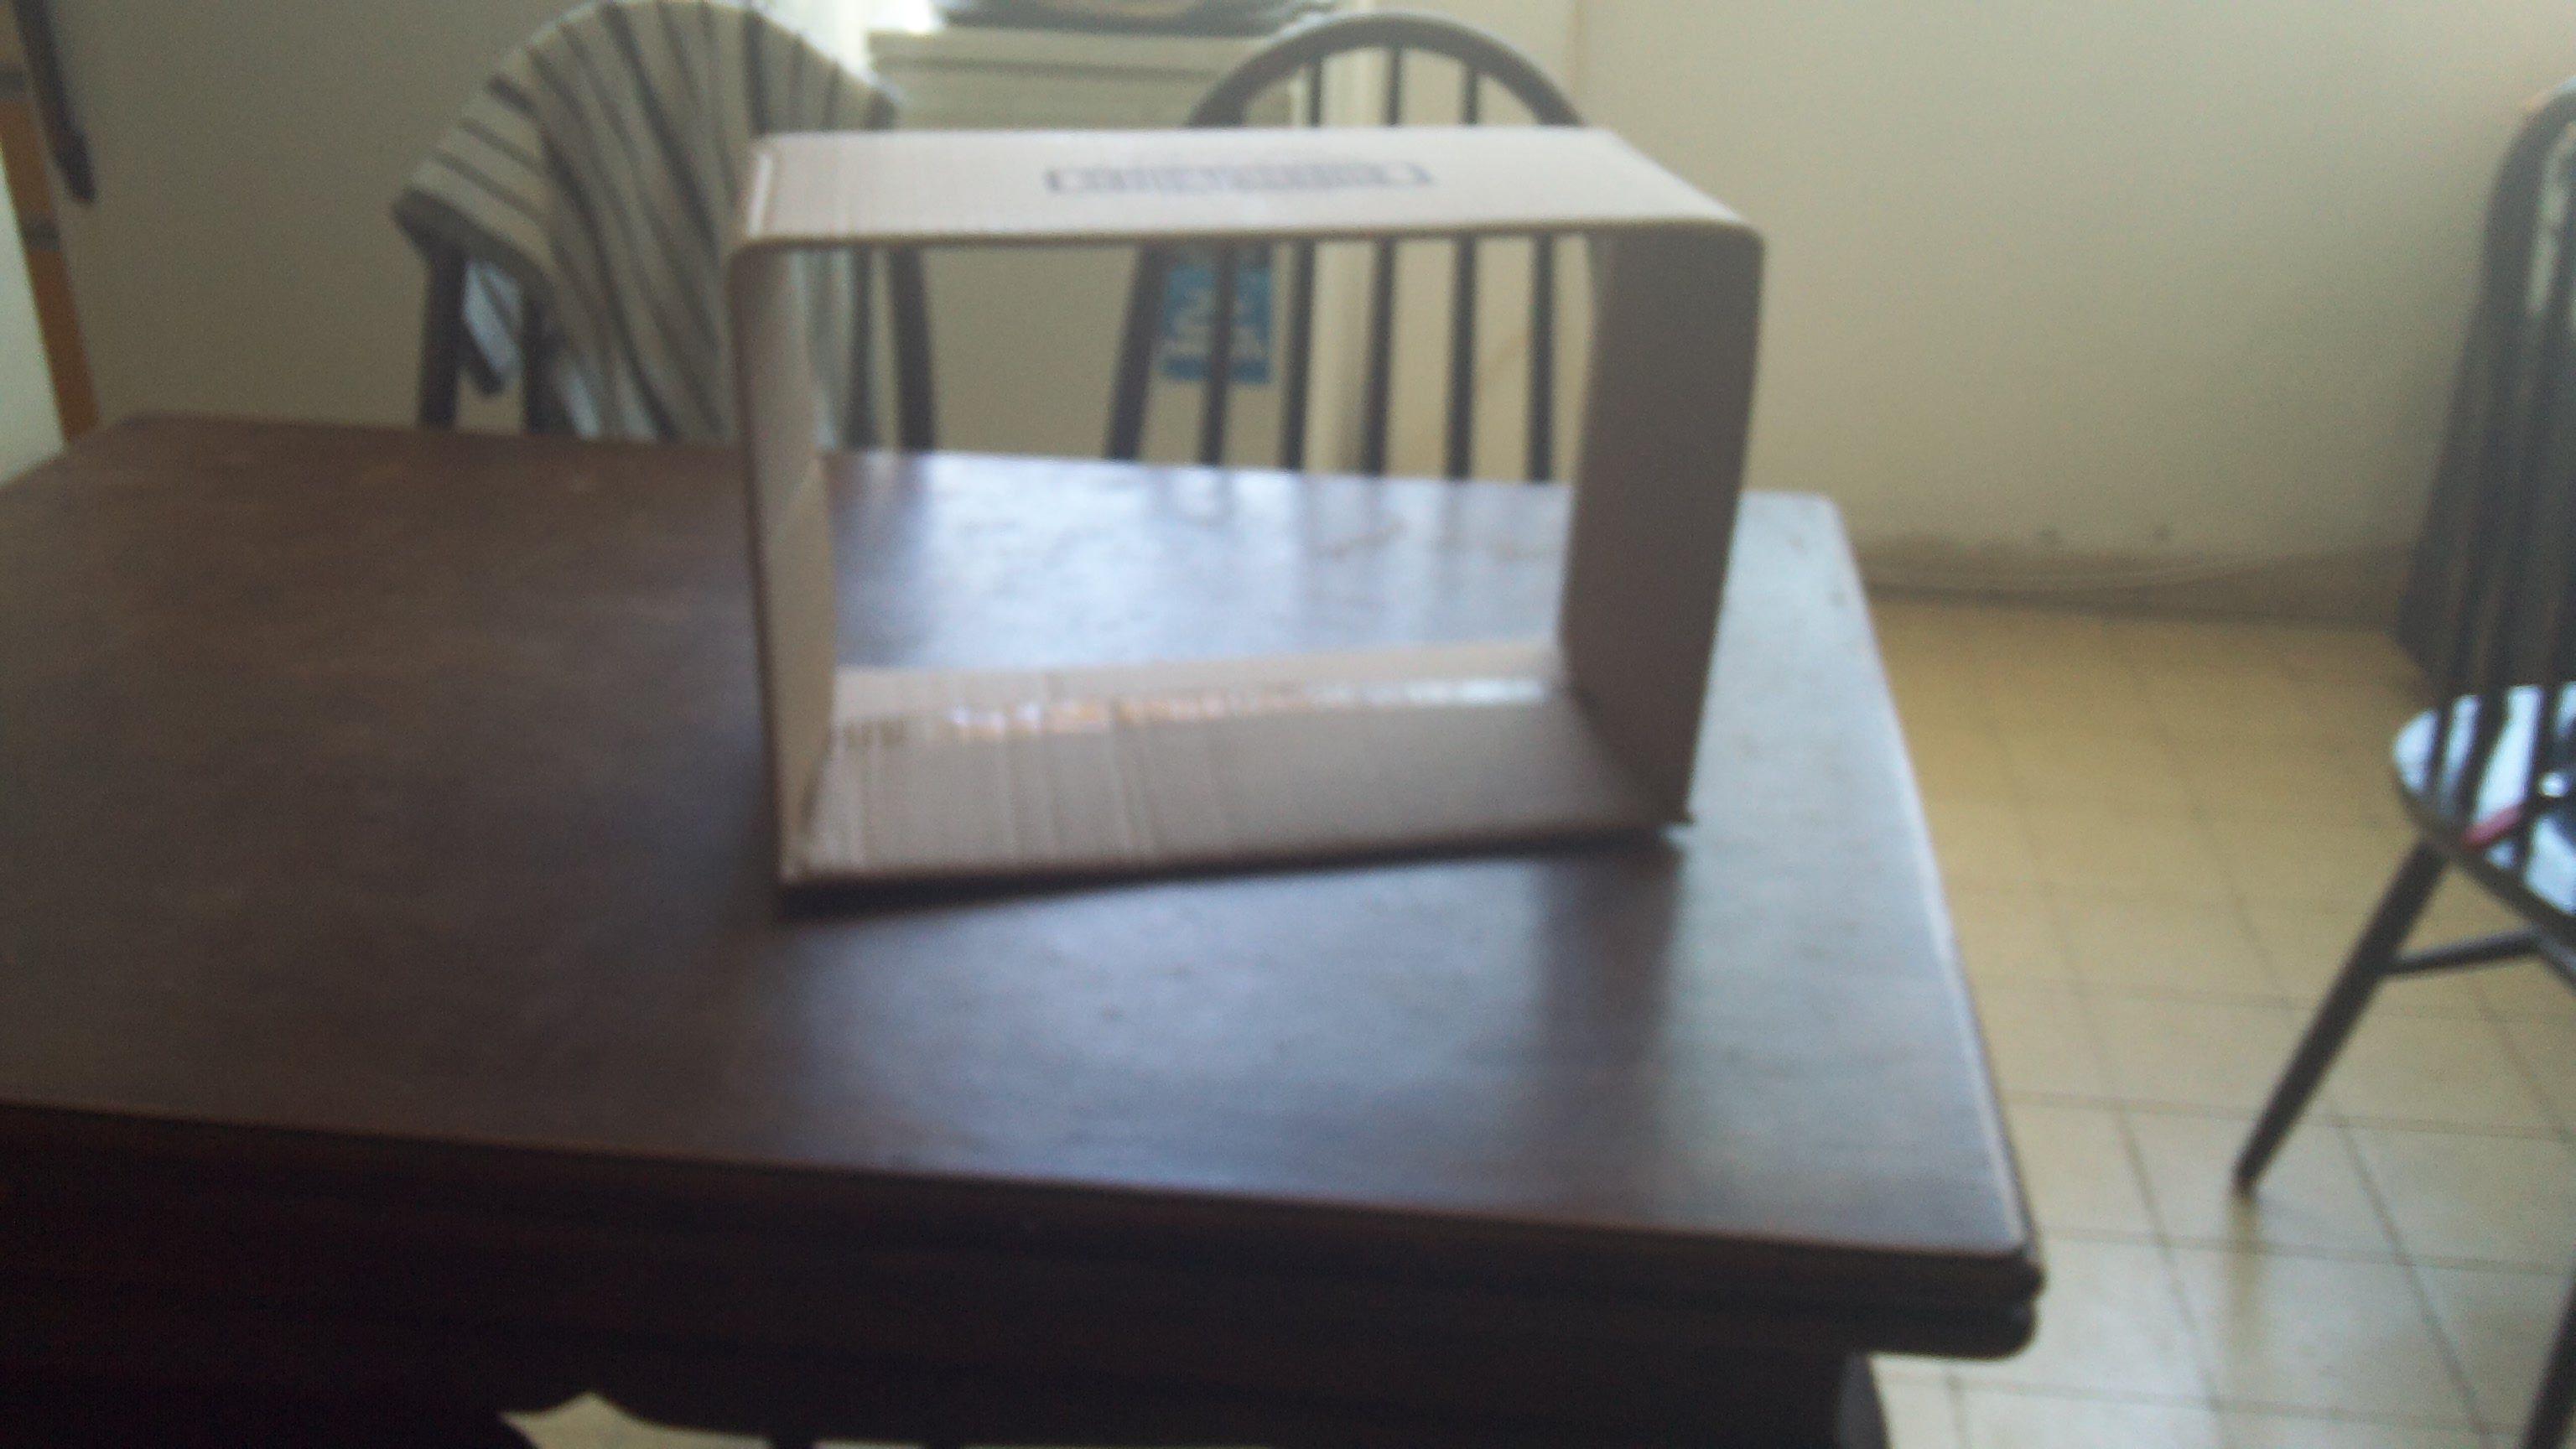 הקופסא לפני הוספת המסך ולפני העיטורים והקישוטים